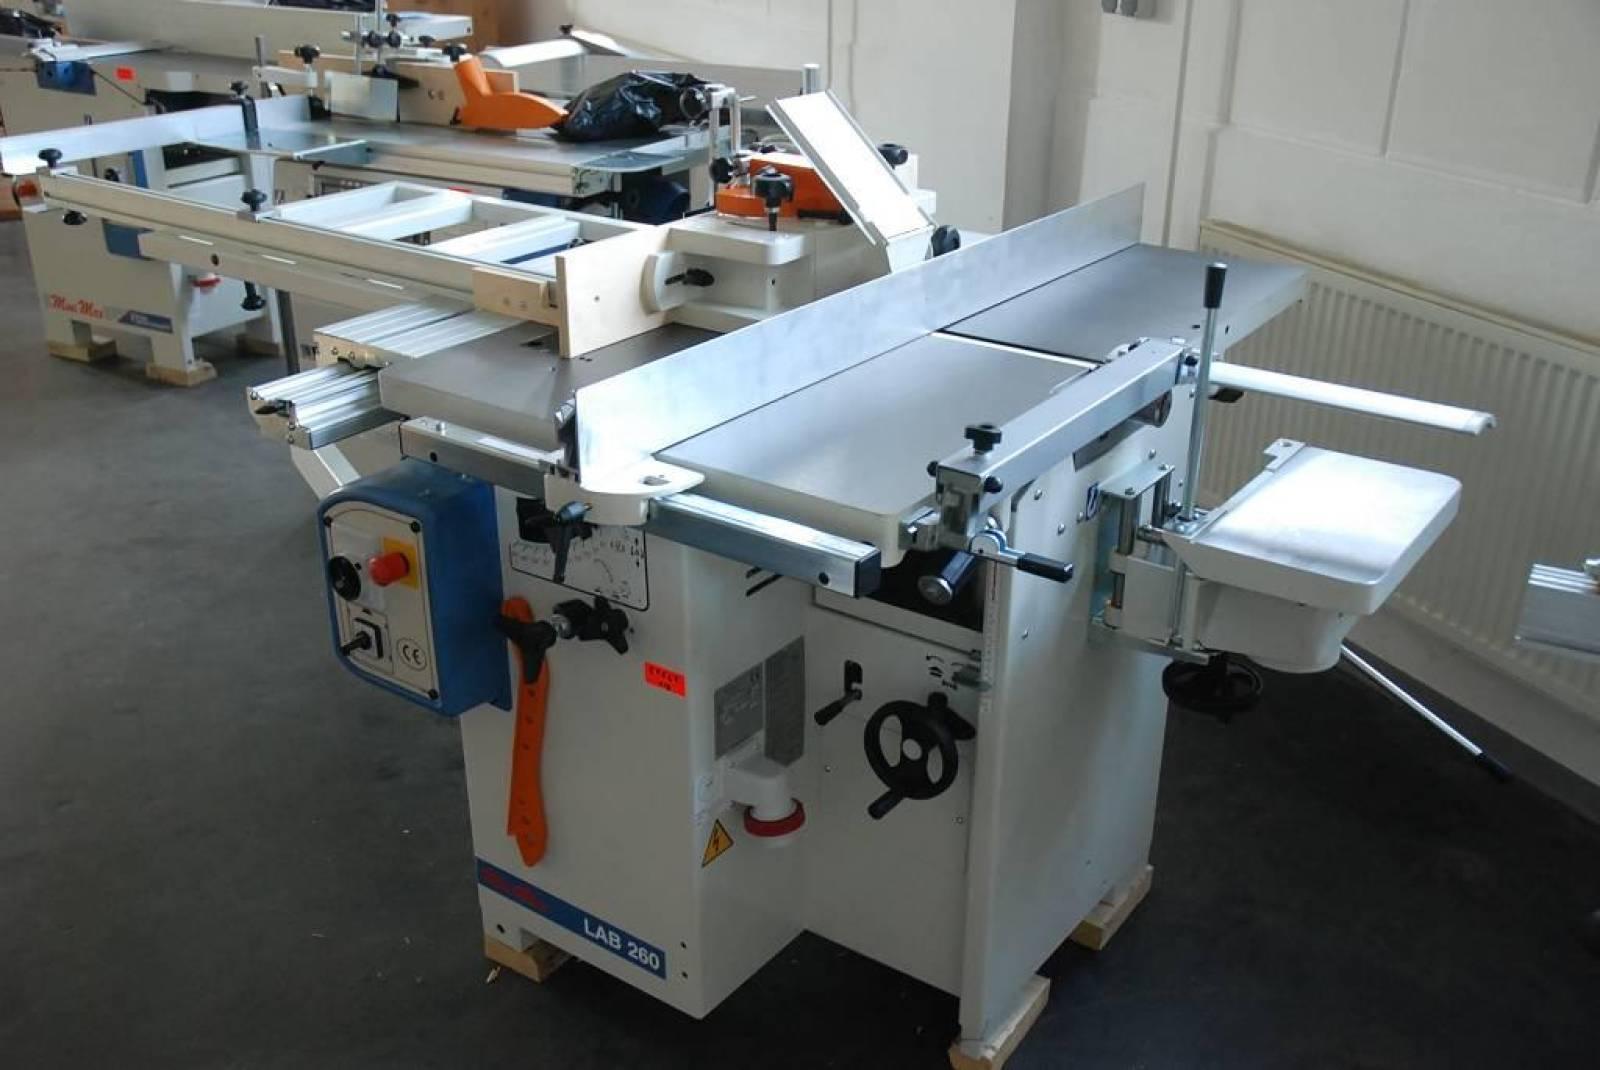 Malta per riparazioni: Combinata minimax lab 22